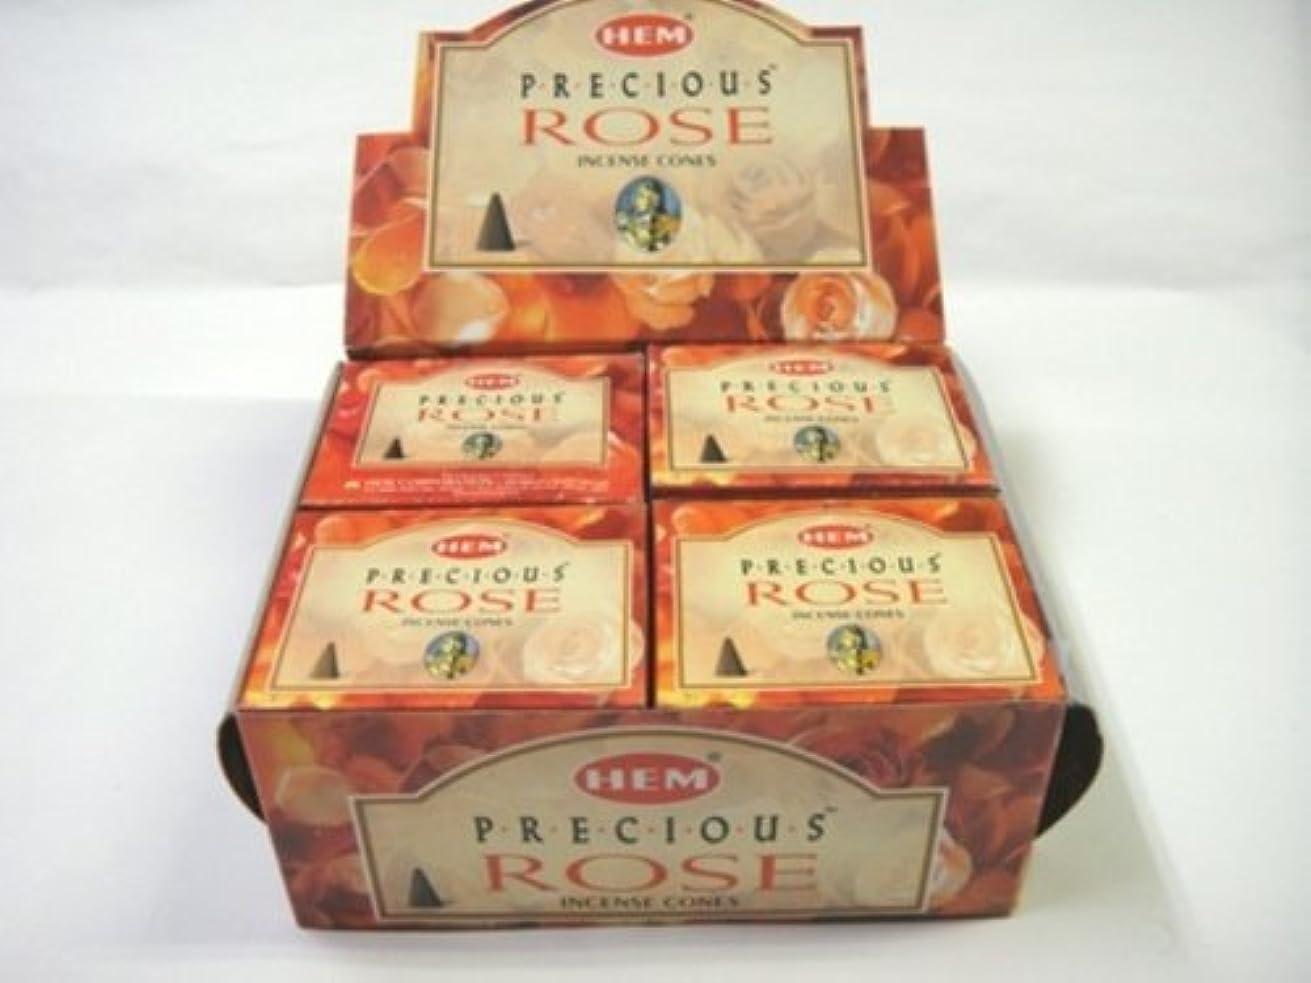 クラック姿勢噴出するHEM お香 プレシャスローズ コーンタイプ 1ケース(12箱入り) お香薔薇